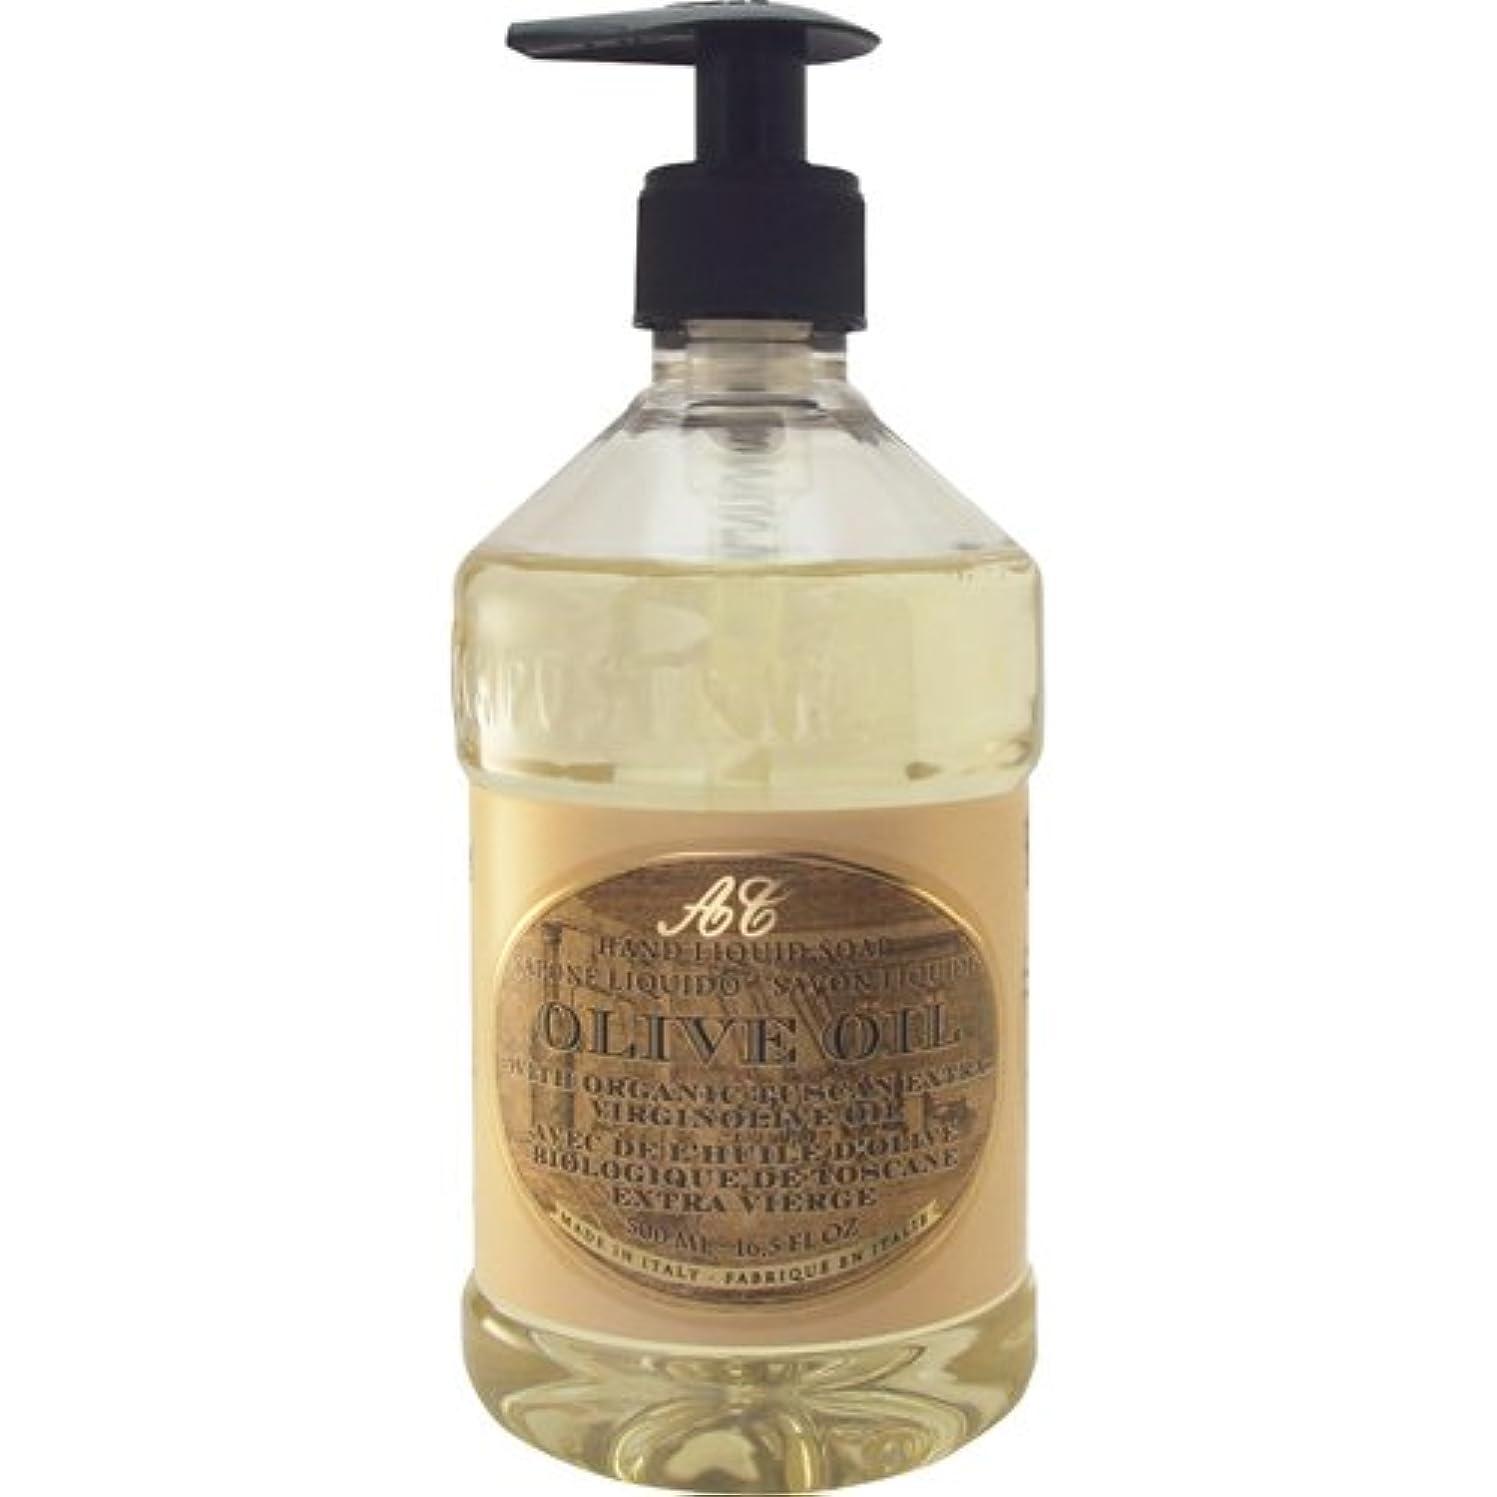 ペグ植物学異なるSaponerire Fissi レトロシリーズ Liquid Soap リキッドソープ 500ml Olive Oil オリーブオイル